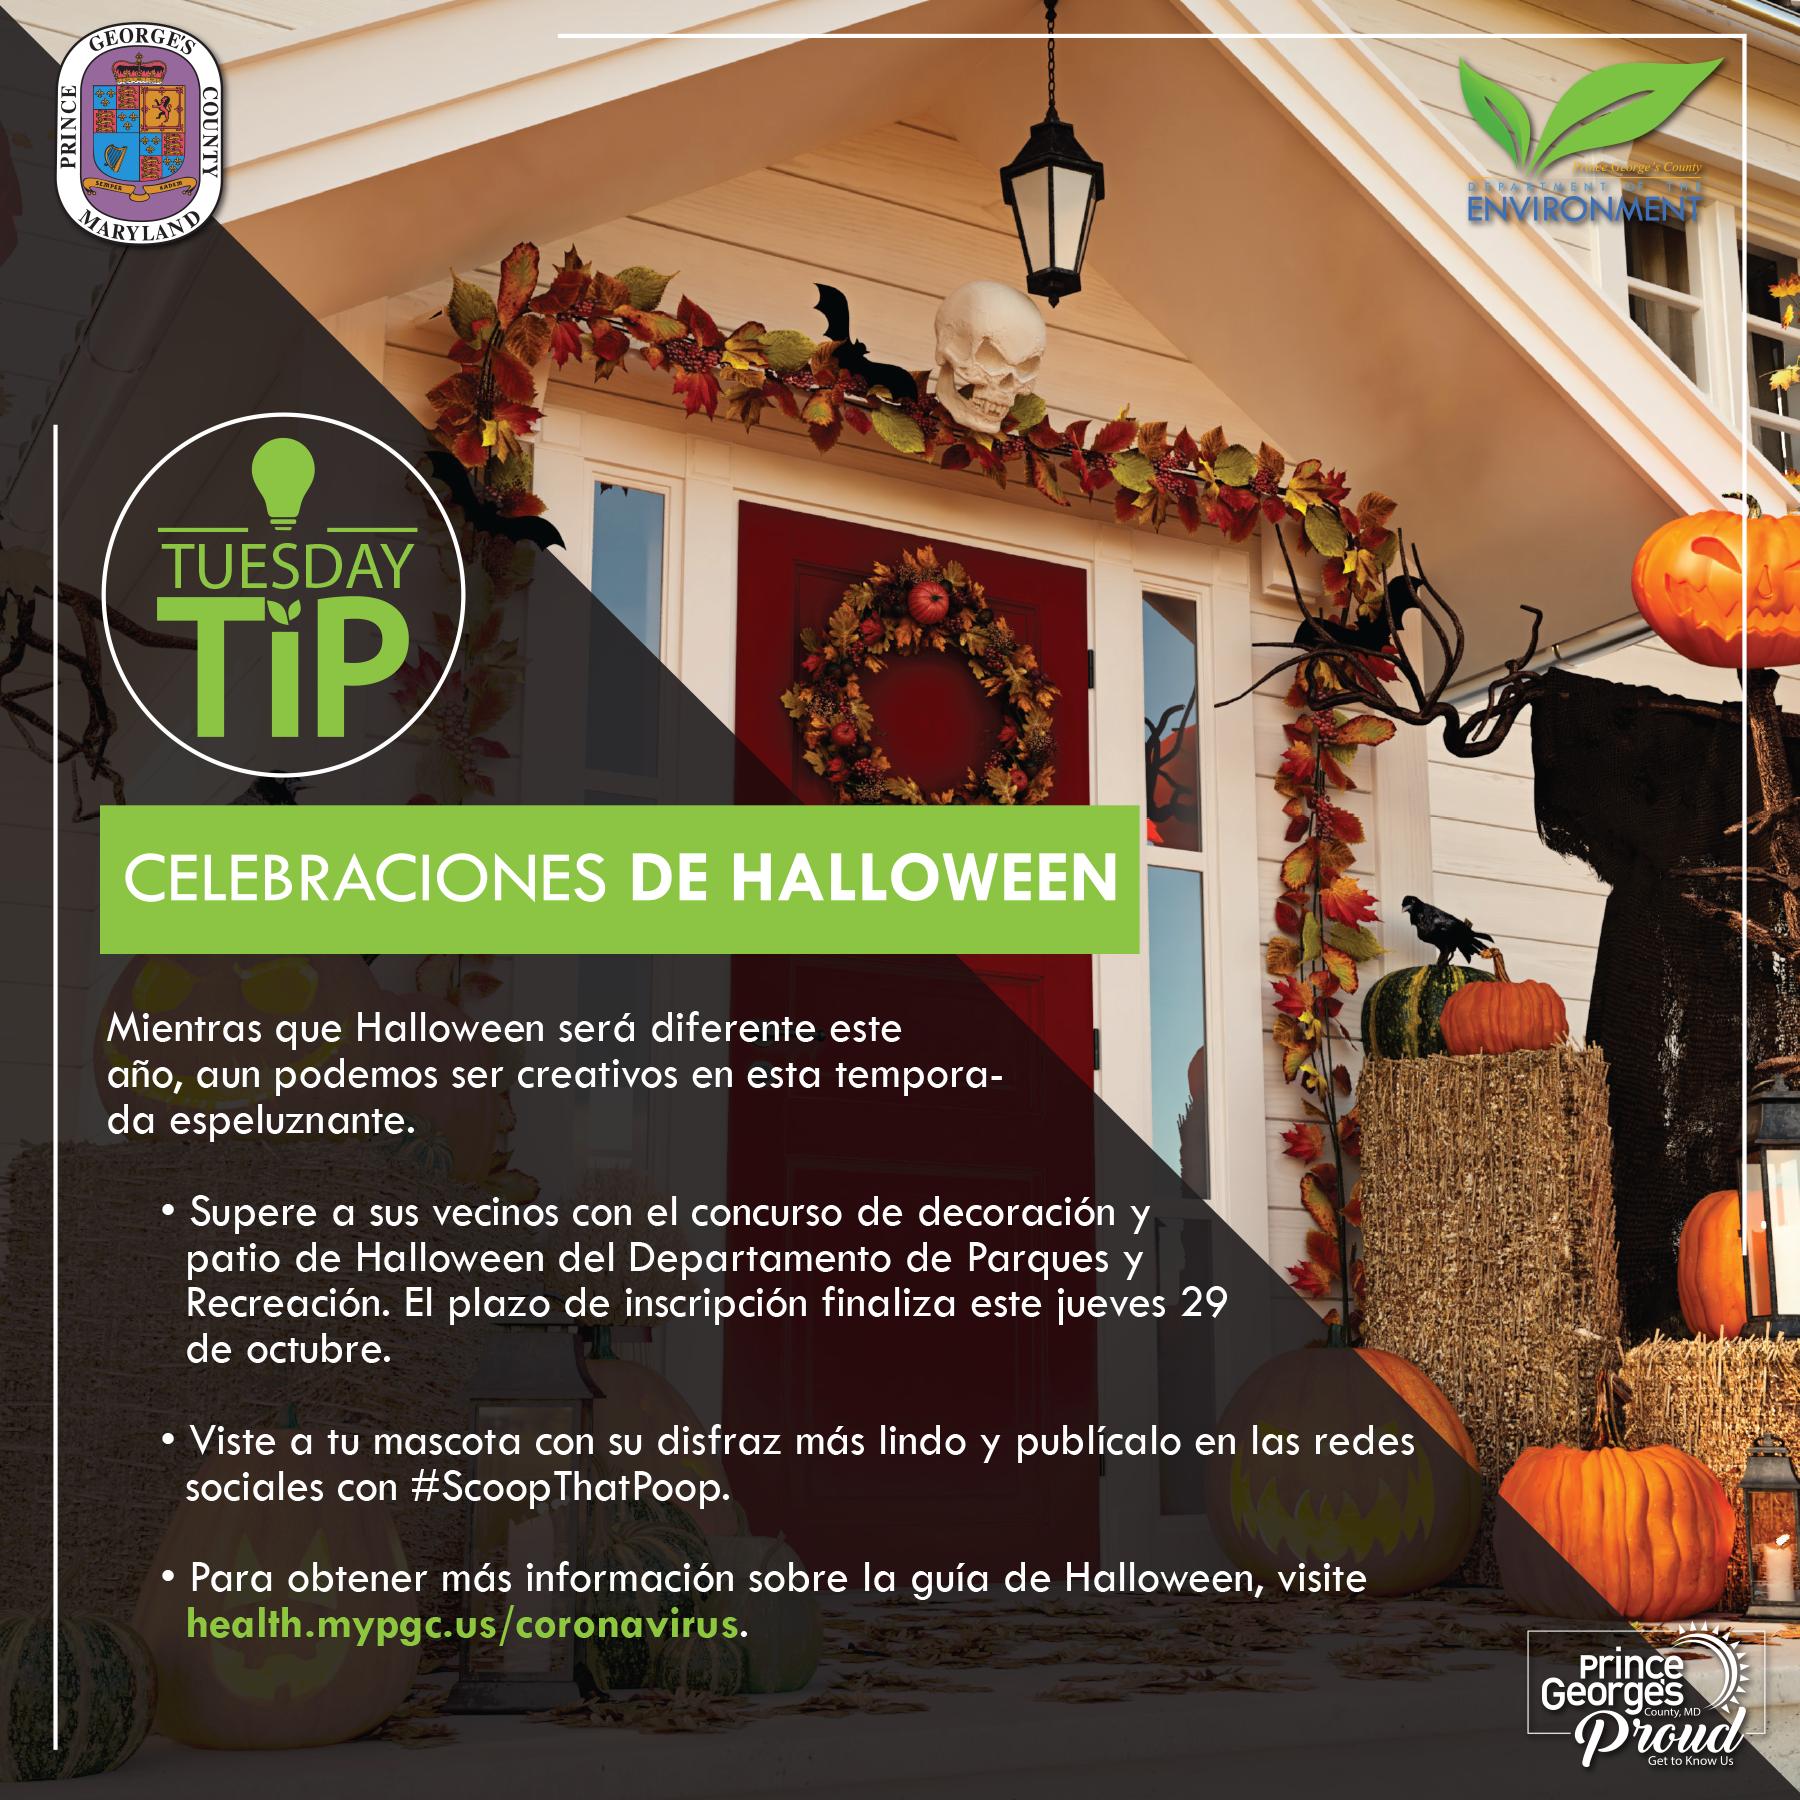 Tues tip 10.27.20 Halloween sp